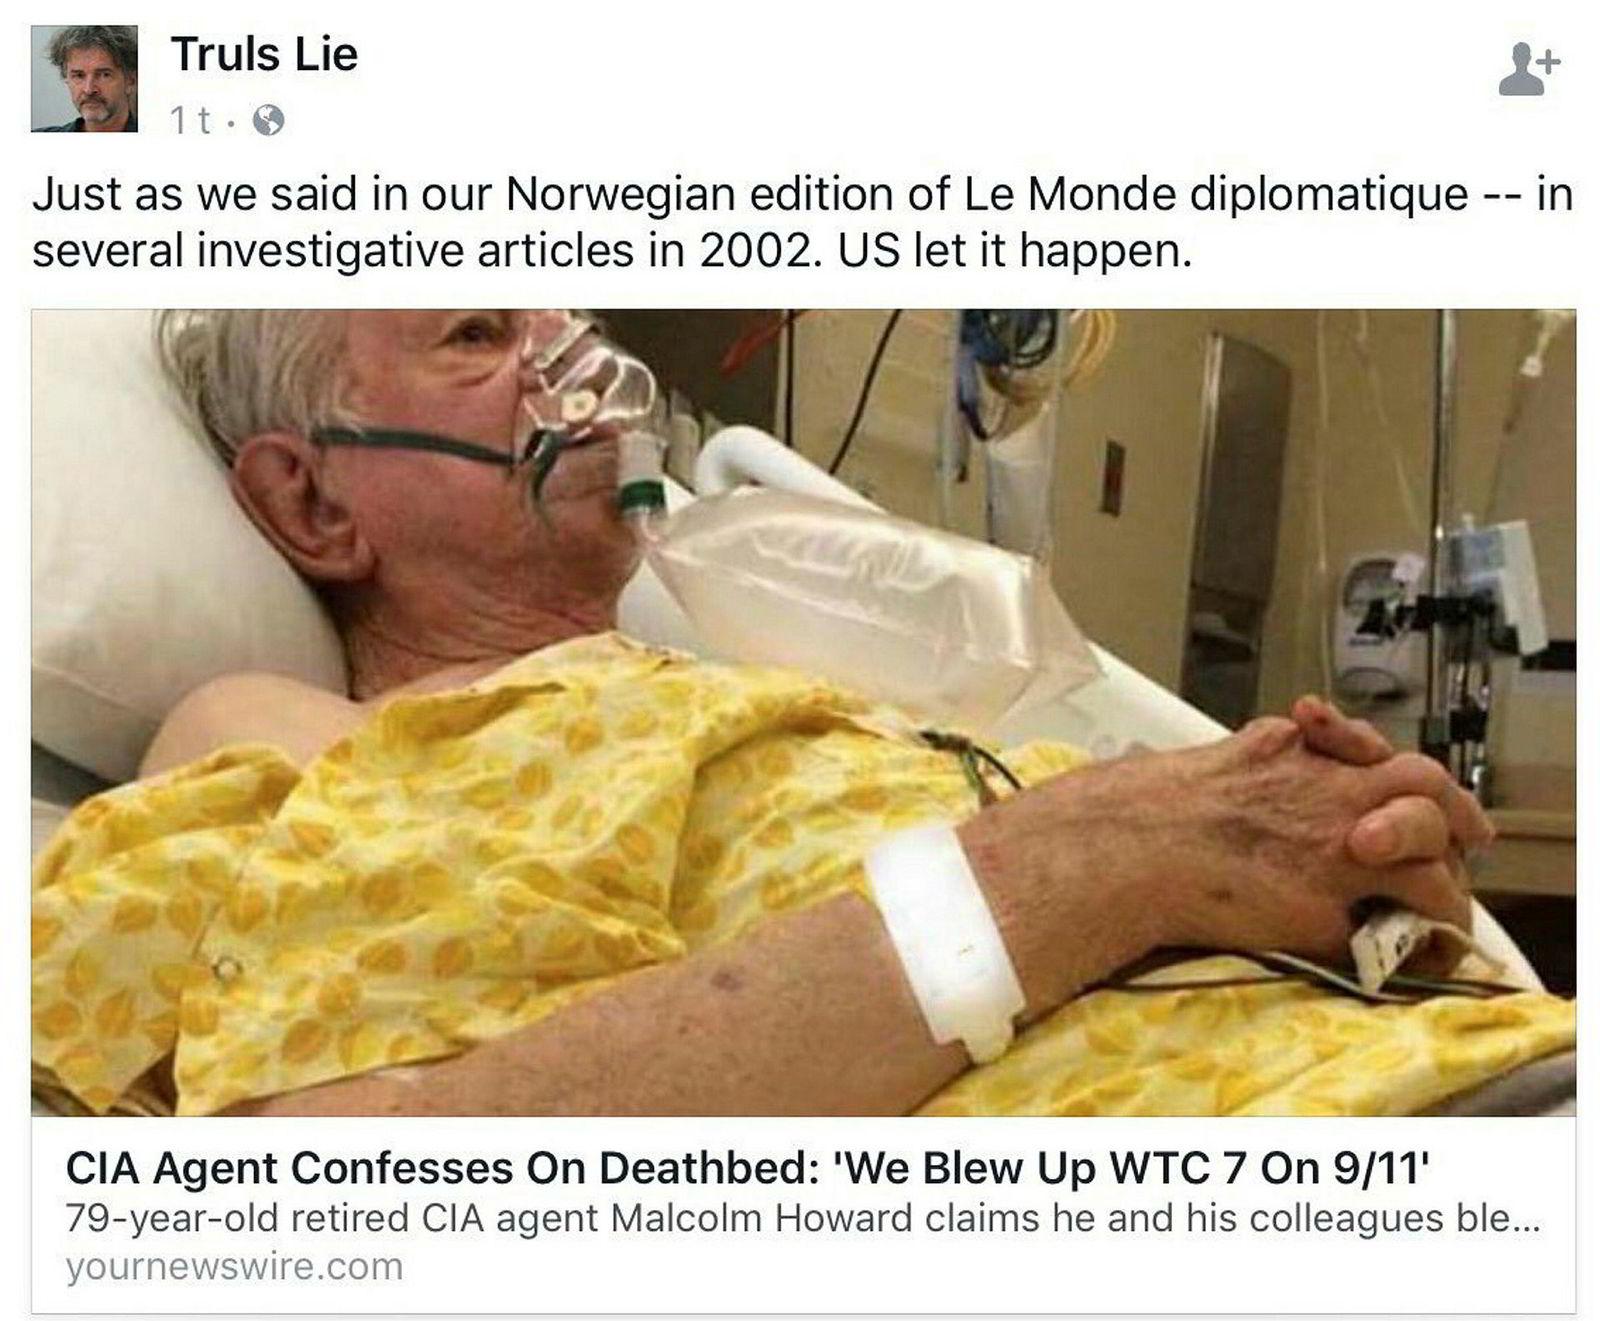 Faksimile av saken Truls Lie la ut på Facebook mandag. Innlegget ble senere slettet.